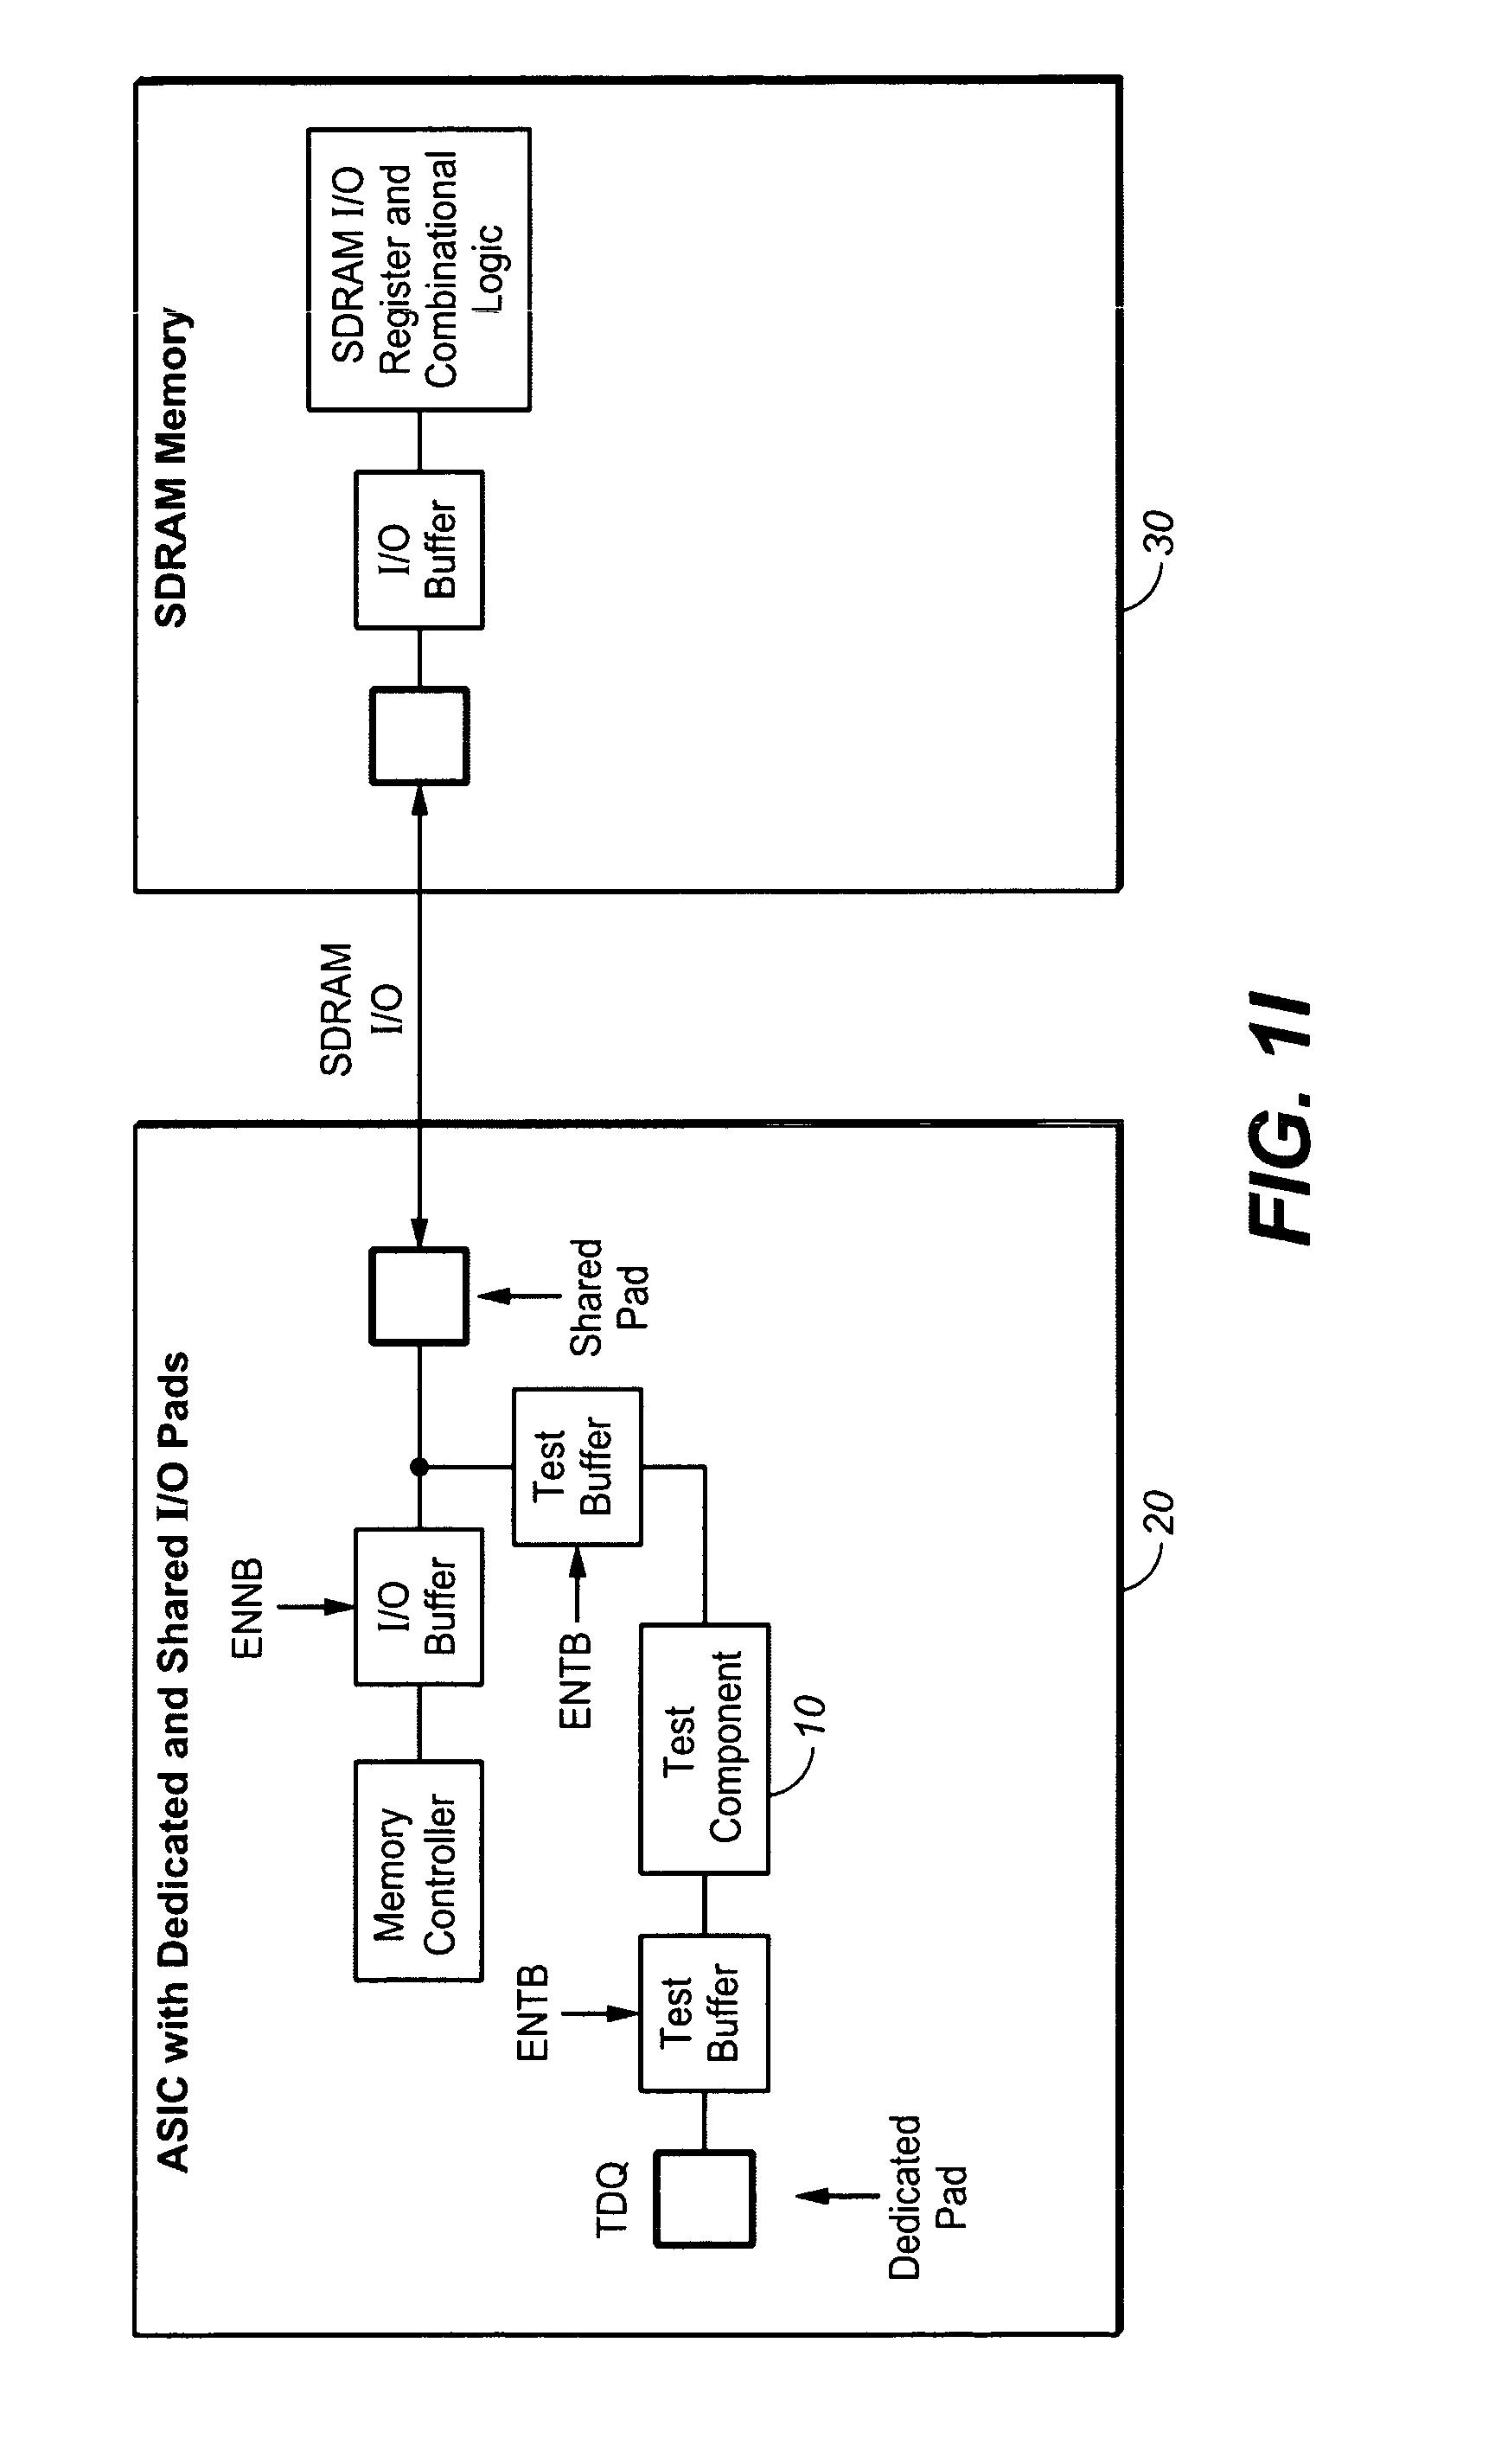 patent us7444575